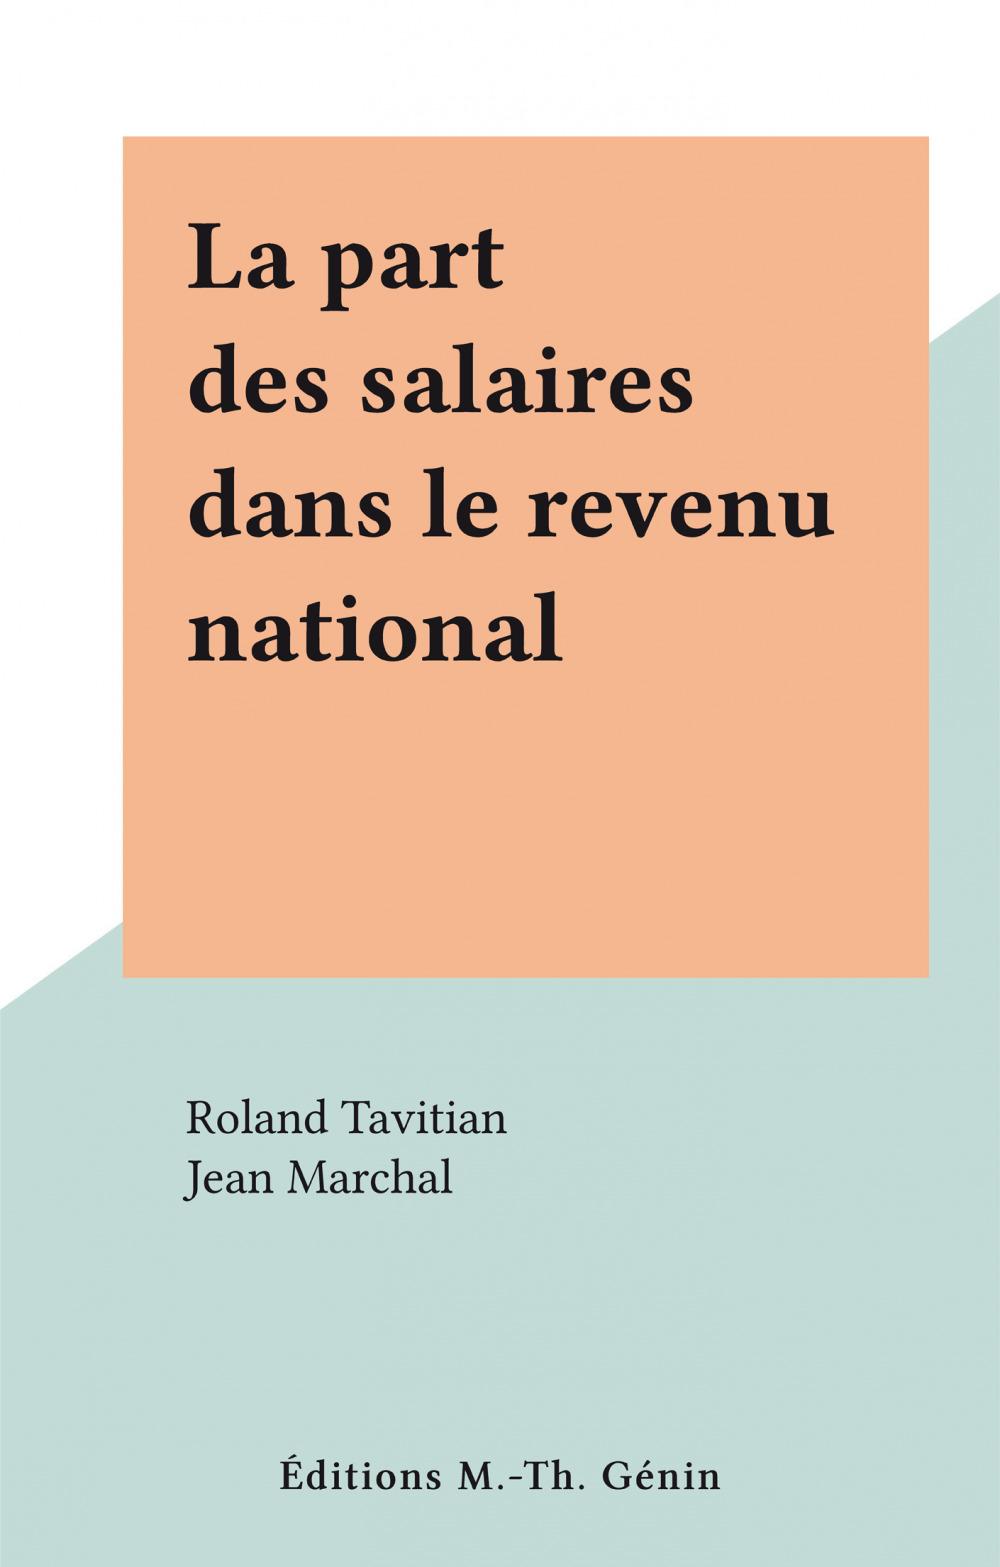 La part des salaires dans le revenu national